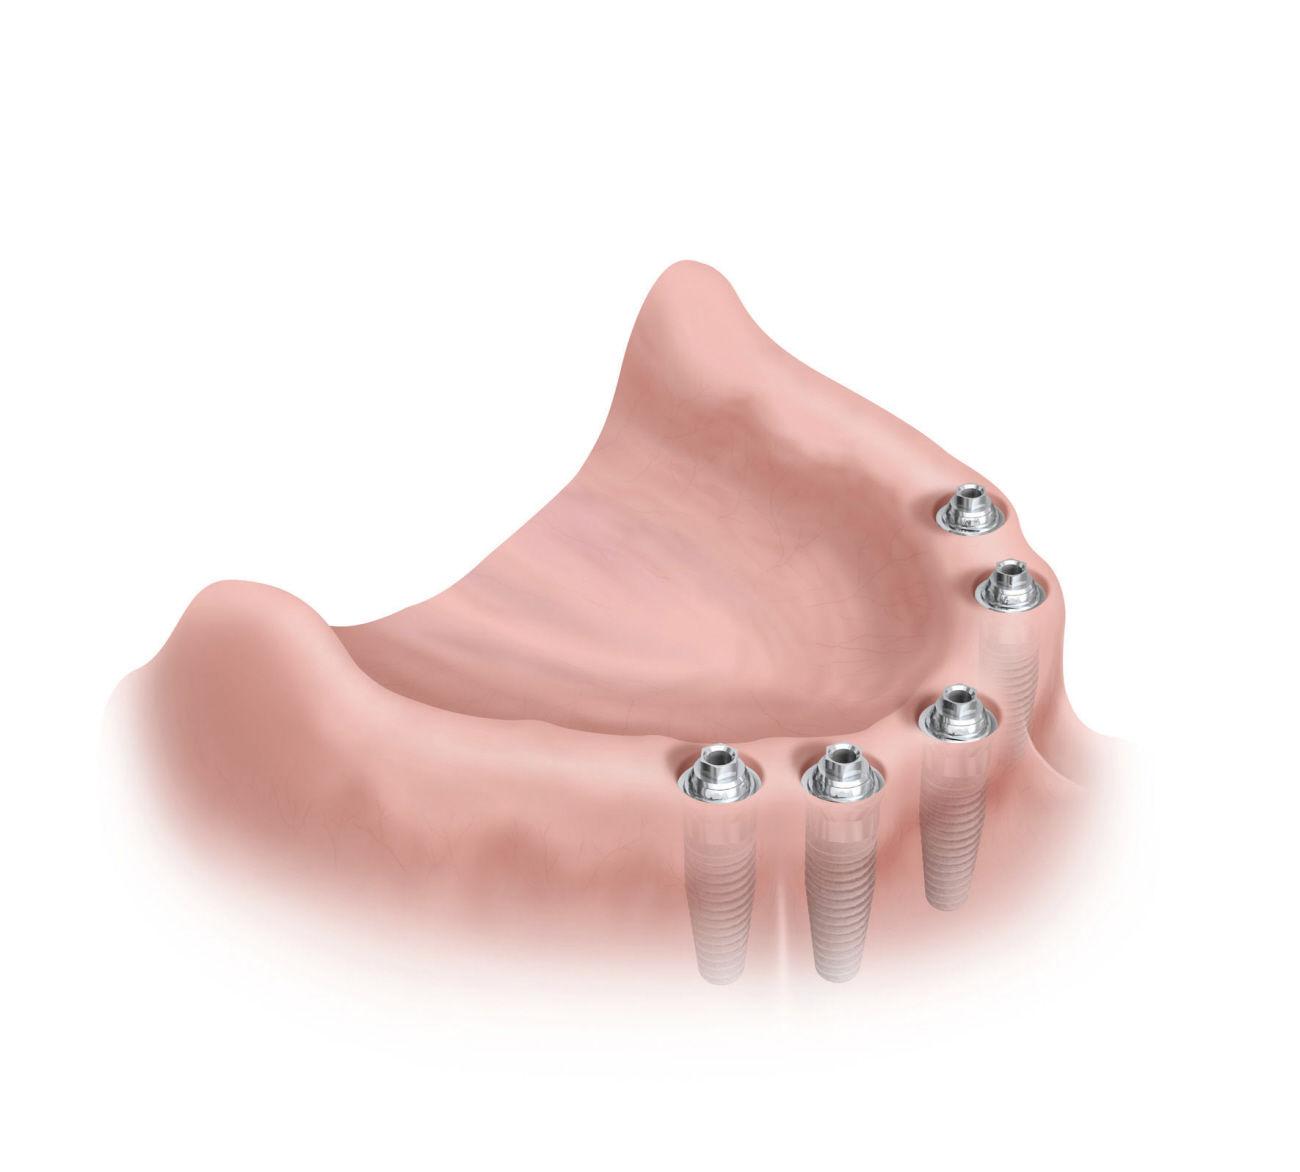 Protesis sobre implantes: Especialidades de Clínica Dental Medicalia Fuenlabrada, tus dentistas de confianza